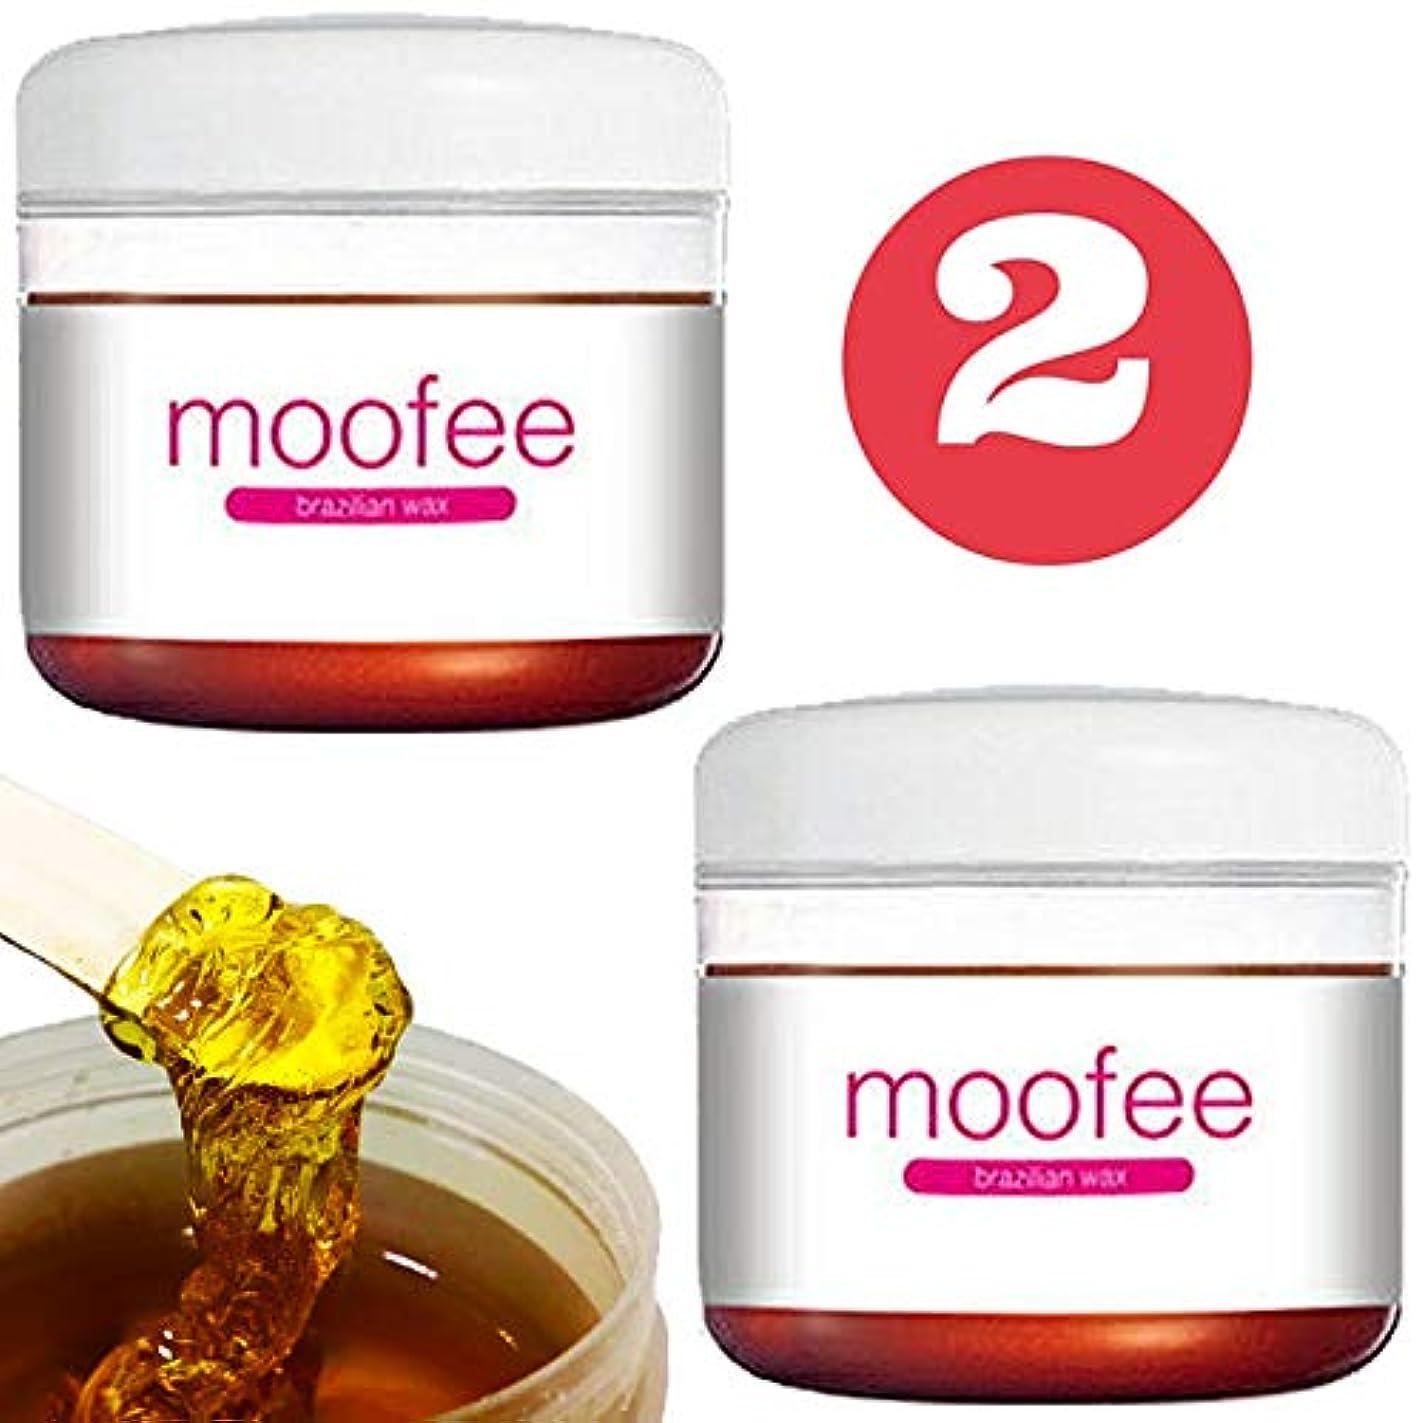 便利エキゾチック分解するmoofee ブラジリアンワックス 脱毛ワックス 選べる単品セット シュガーワックス V I O (2)